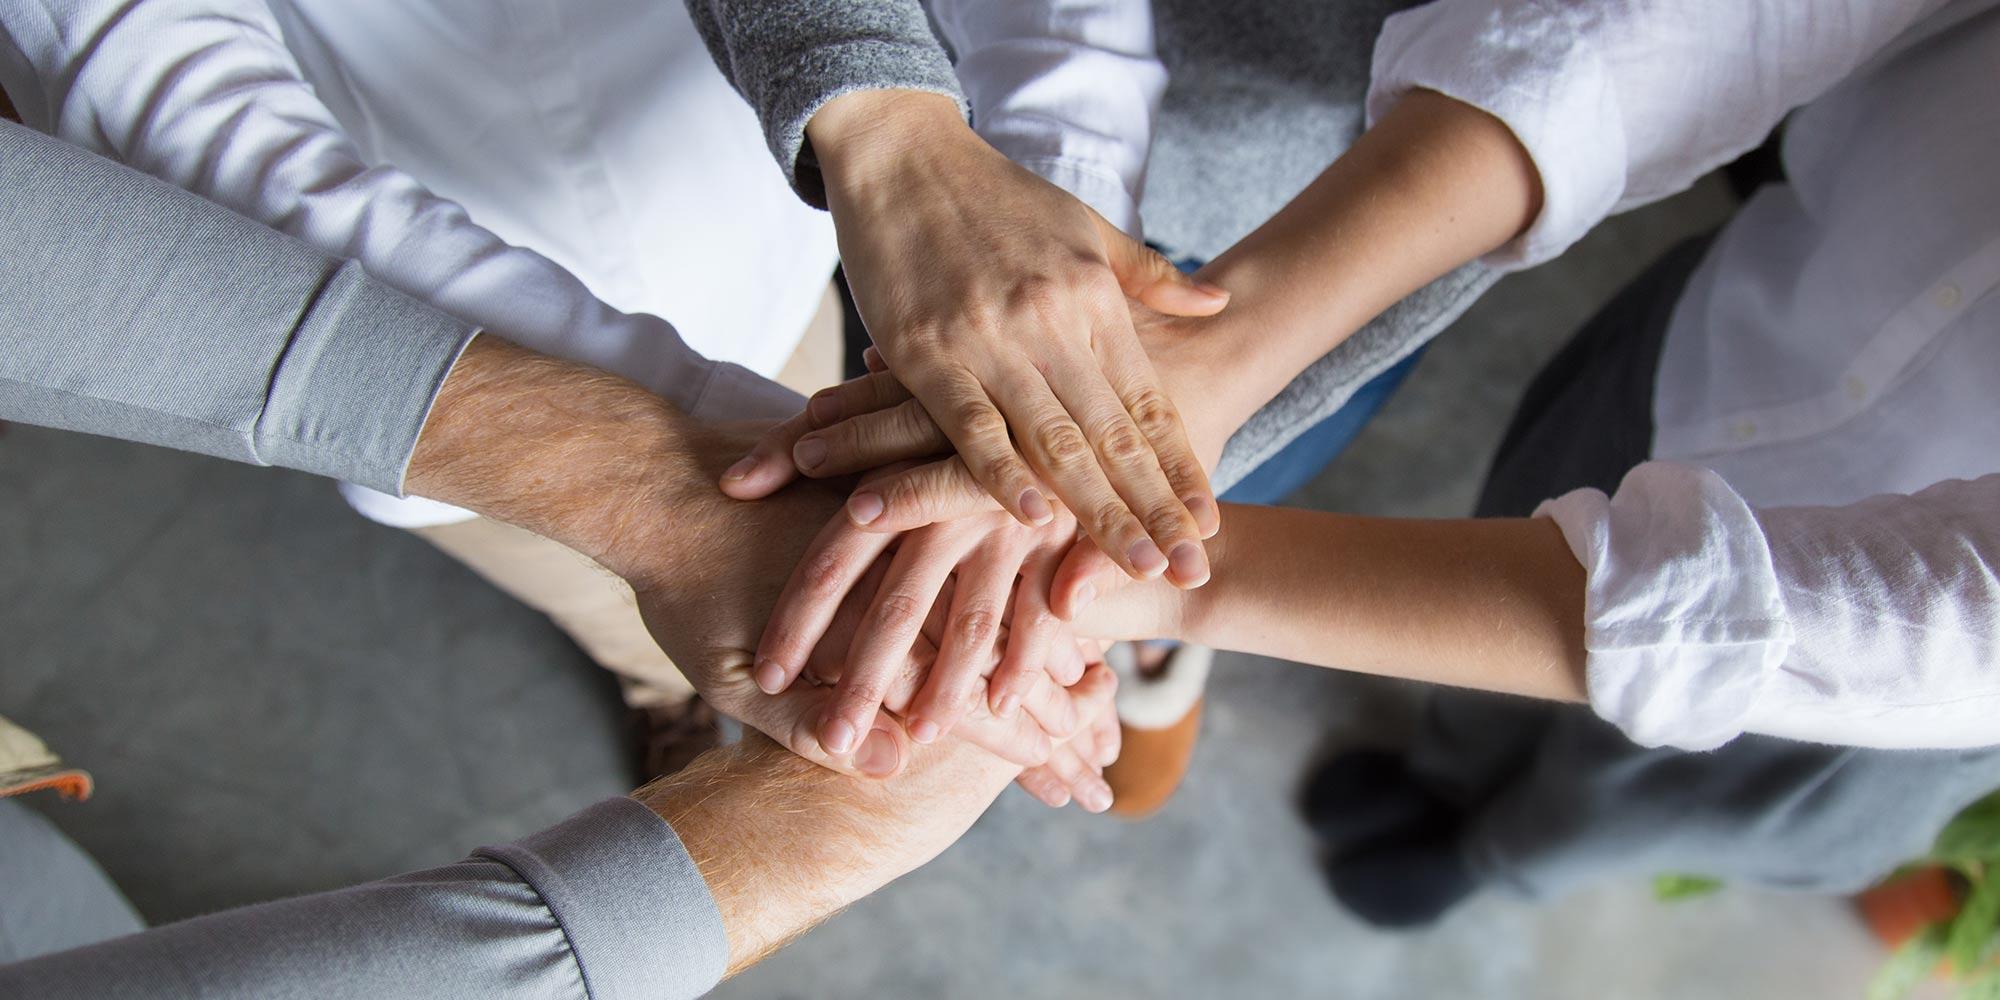 Gestão de pessoas na advocacia: 5 coisas que você precisa começar a fazer!